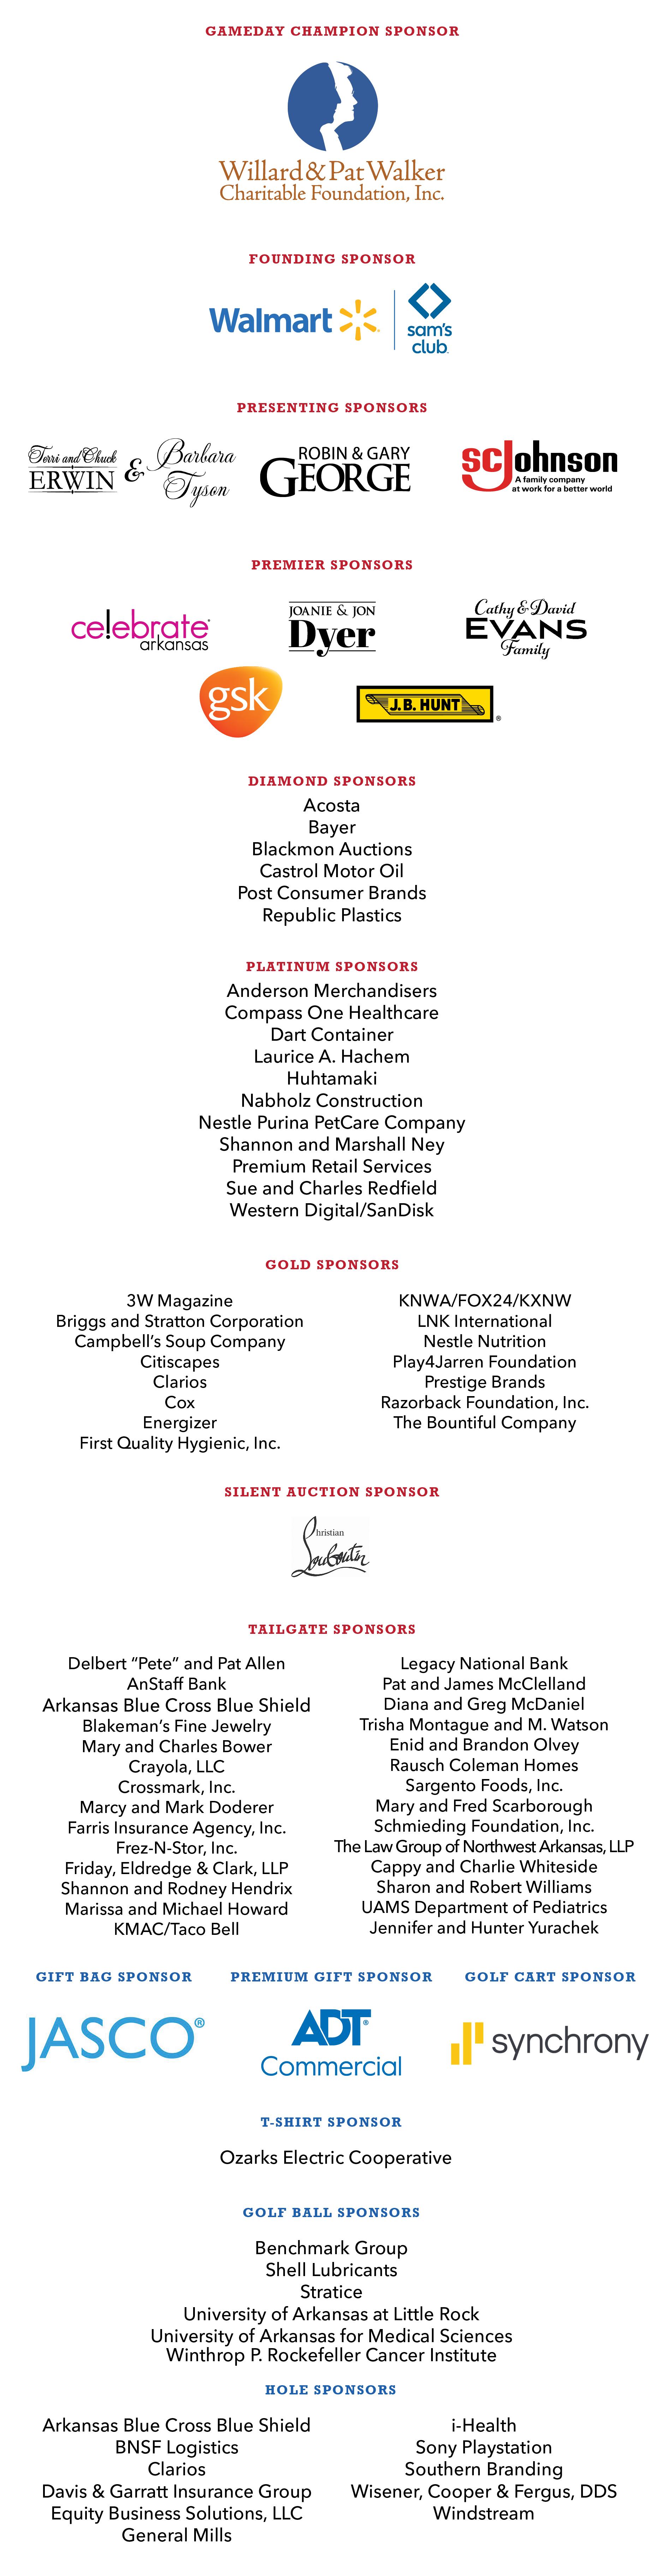 Gameday & Founding Sponsors